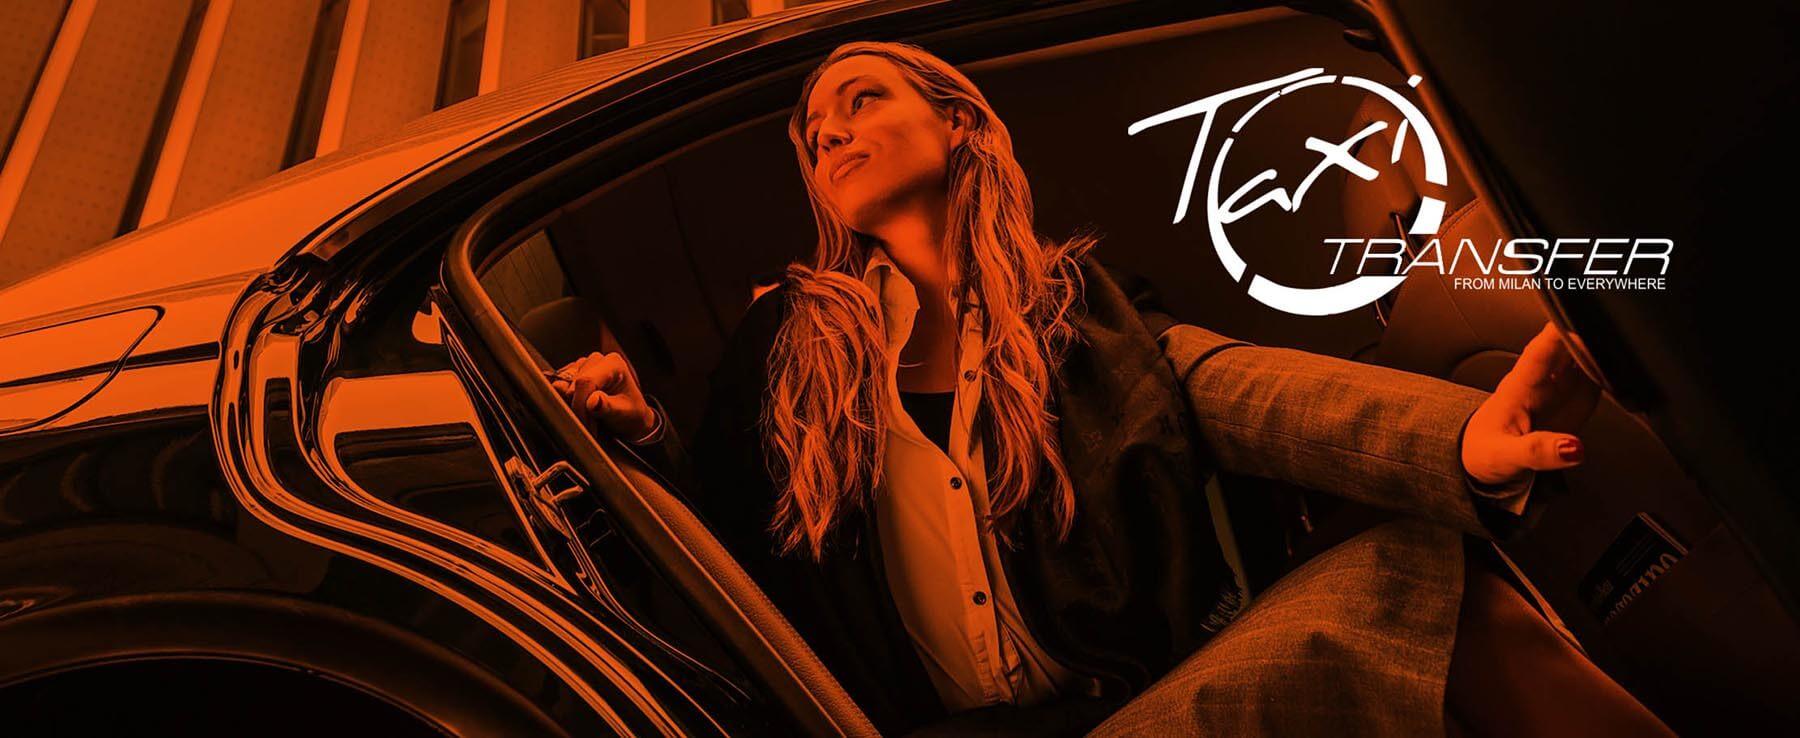 Taxi-Transfer per tutte le destinazioni